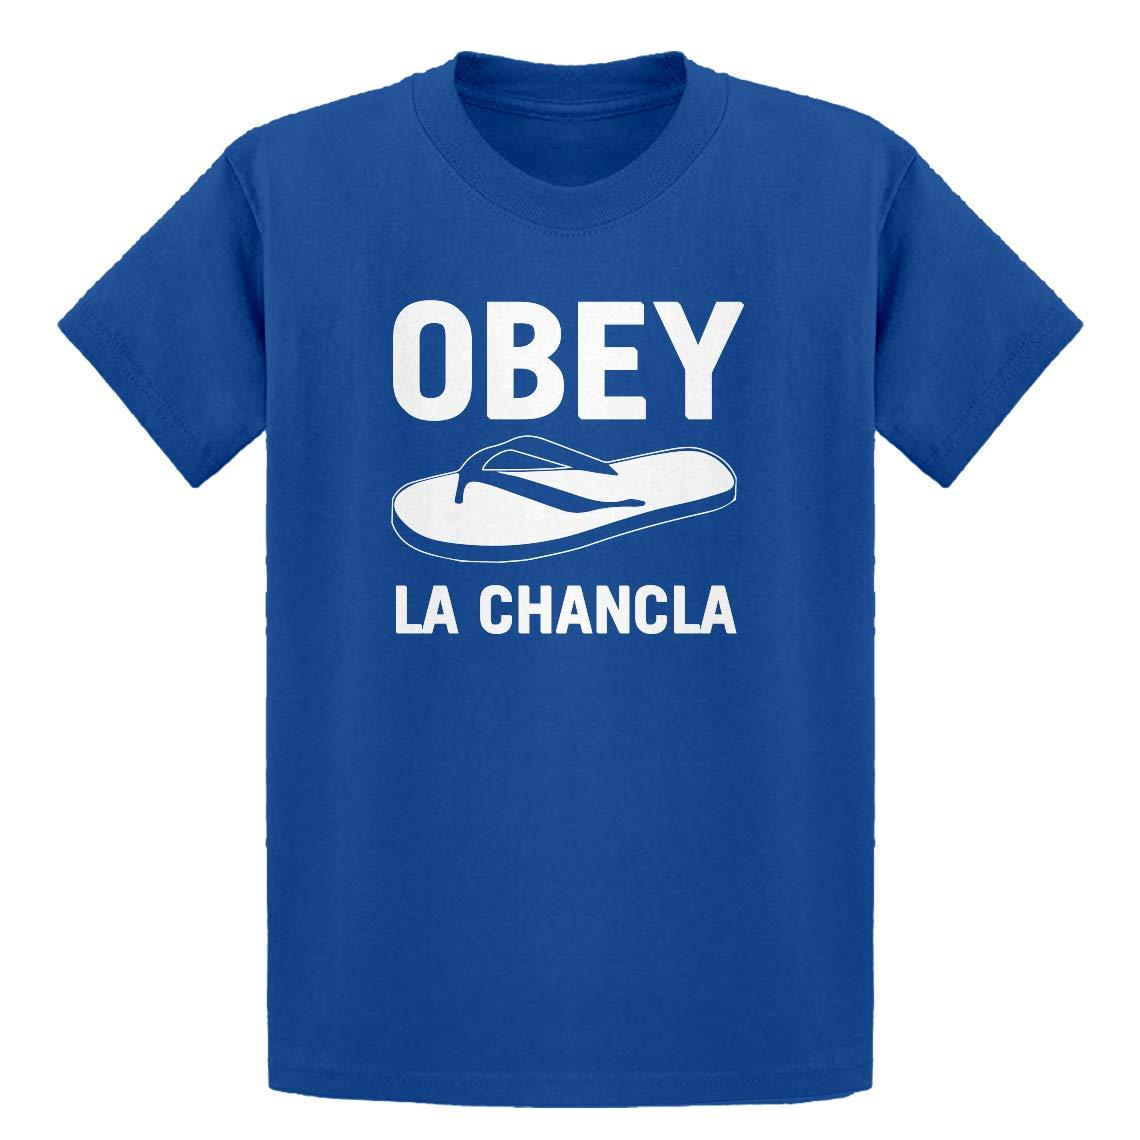 Obey La Chancla Kids T-Shirt